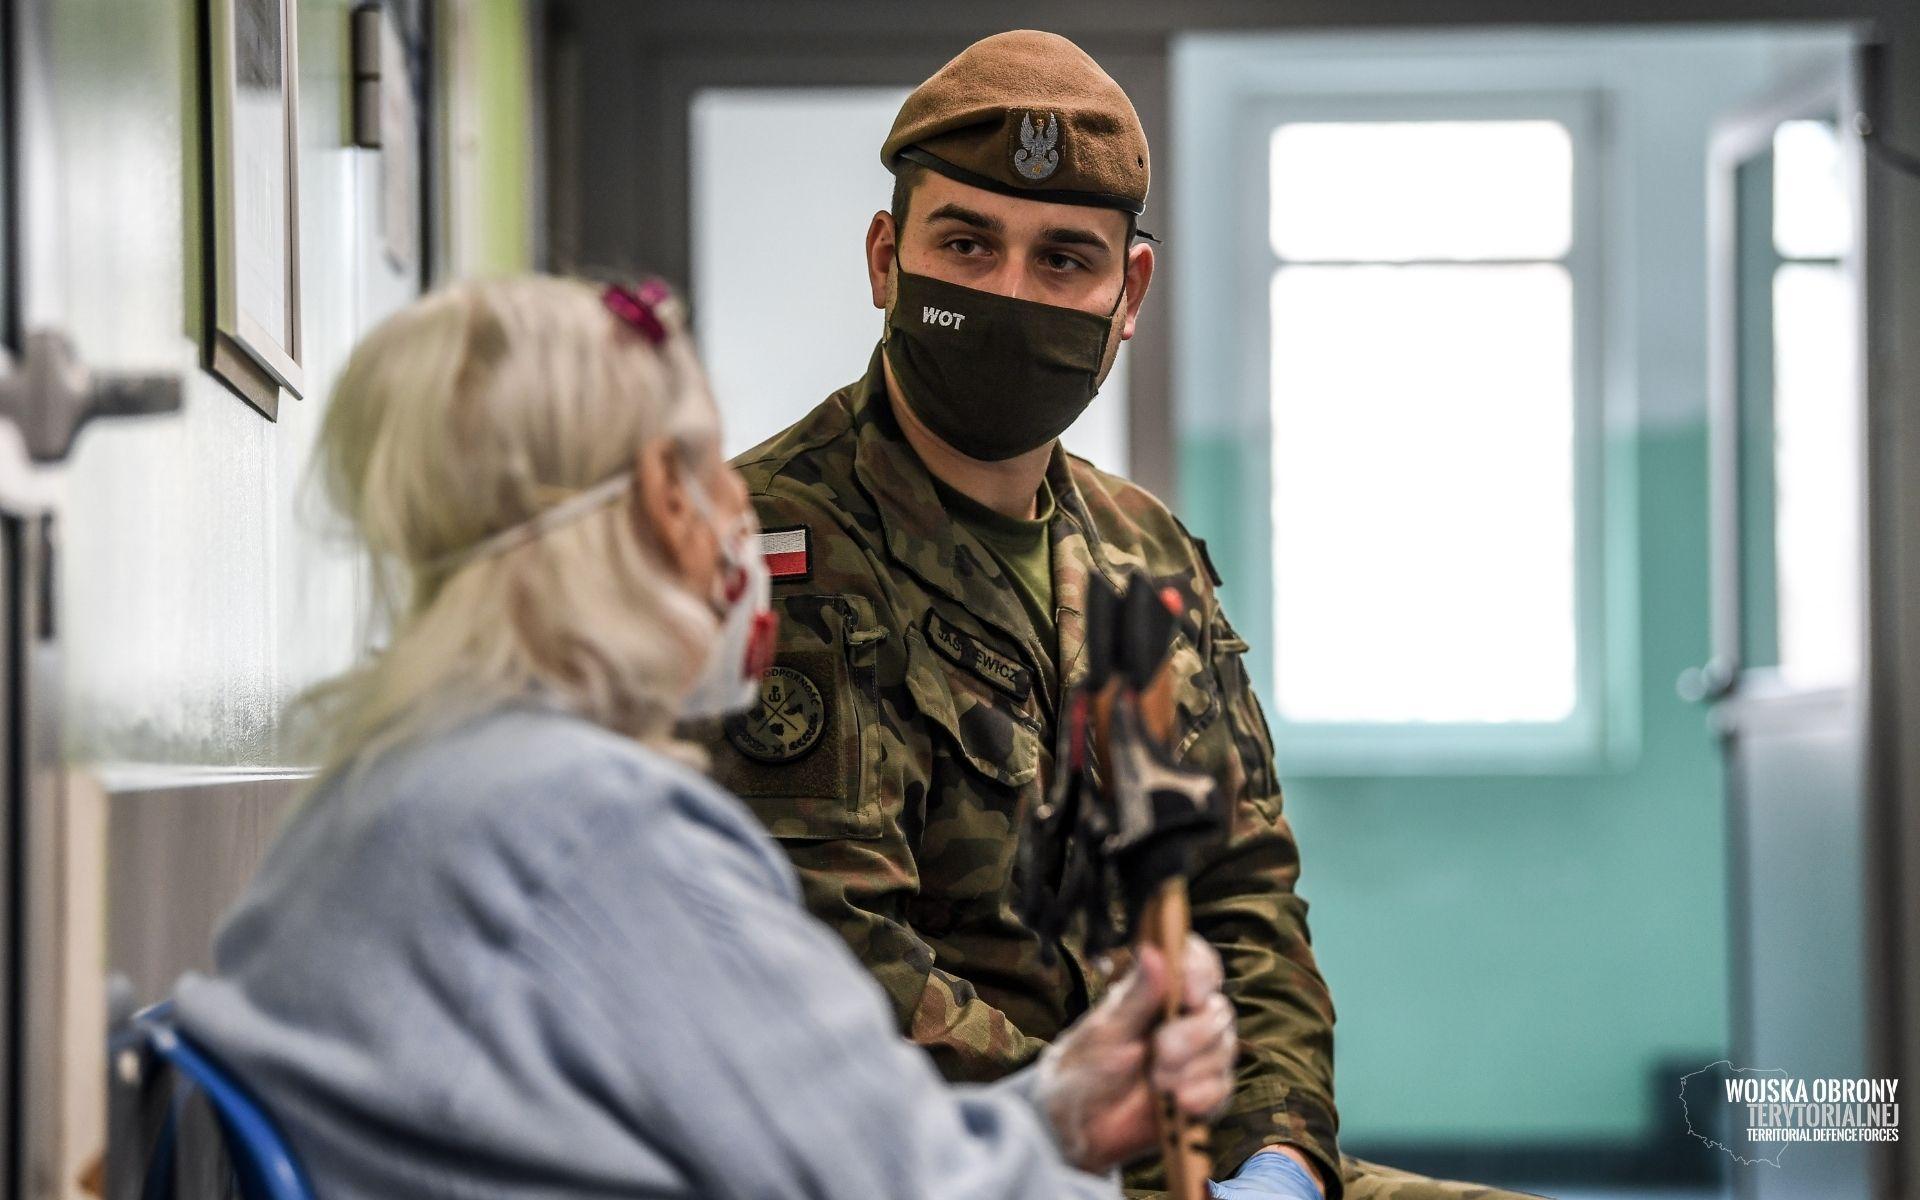 Małopolscy Terytorialsi wspierają walkę z koronawirusem - zdjęcie główne